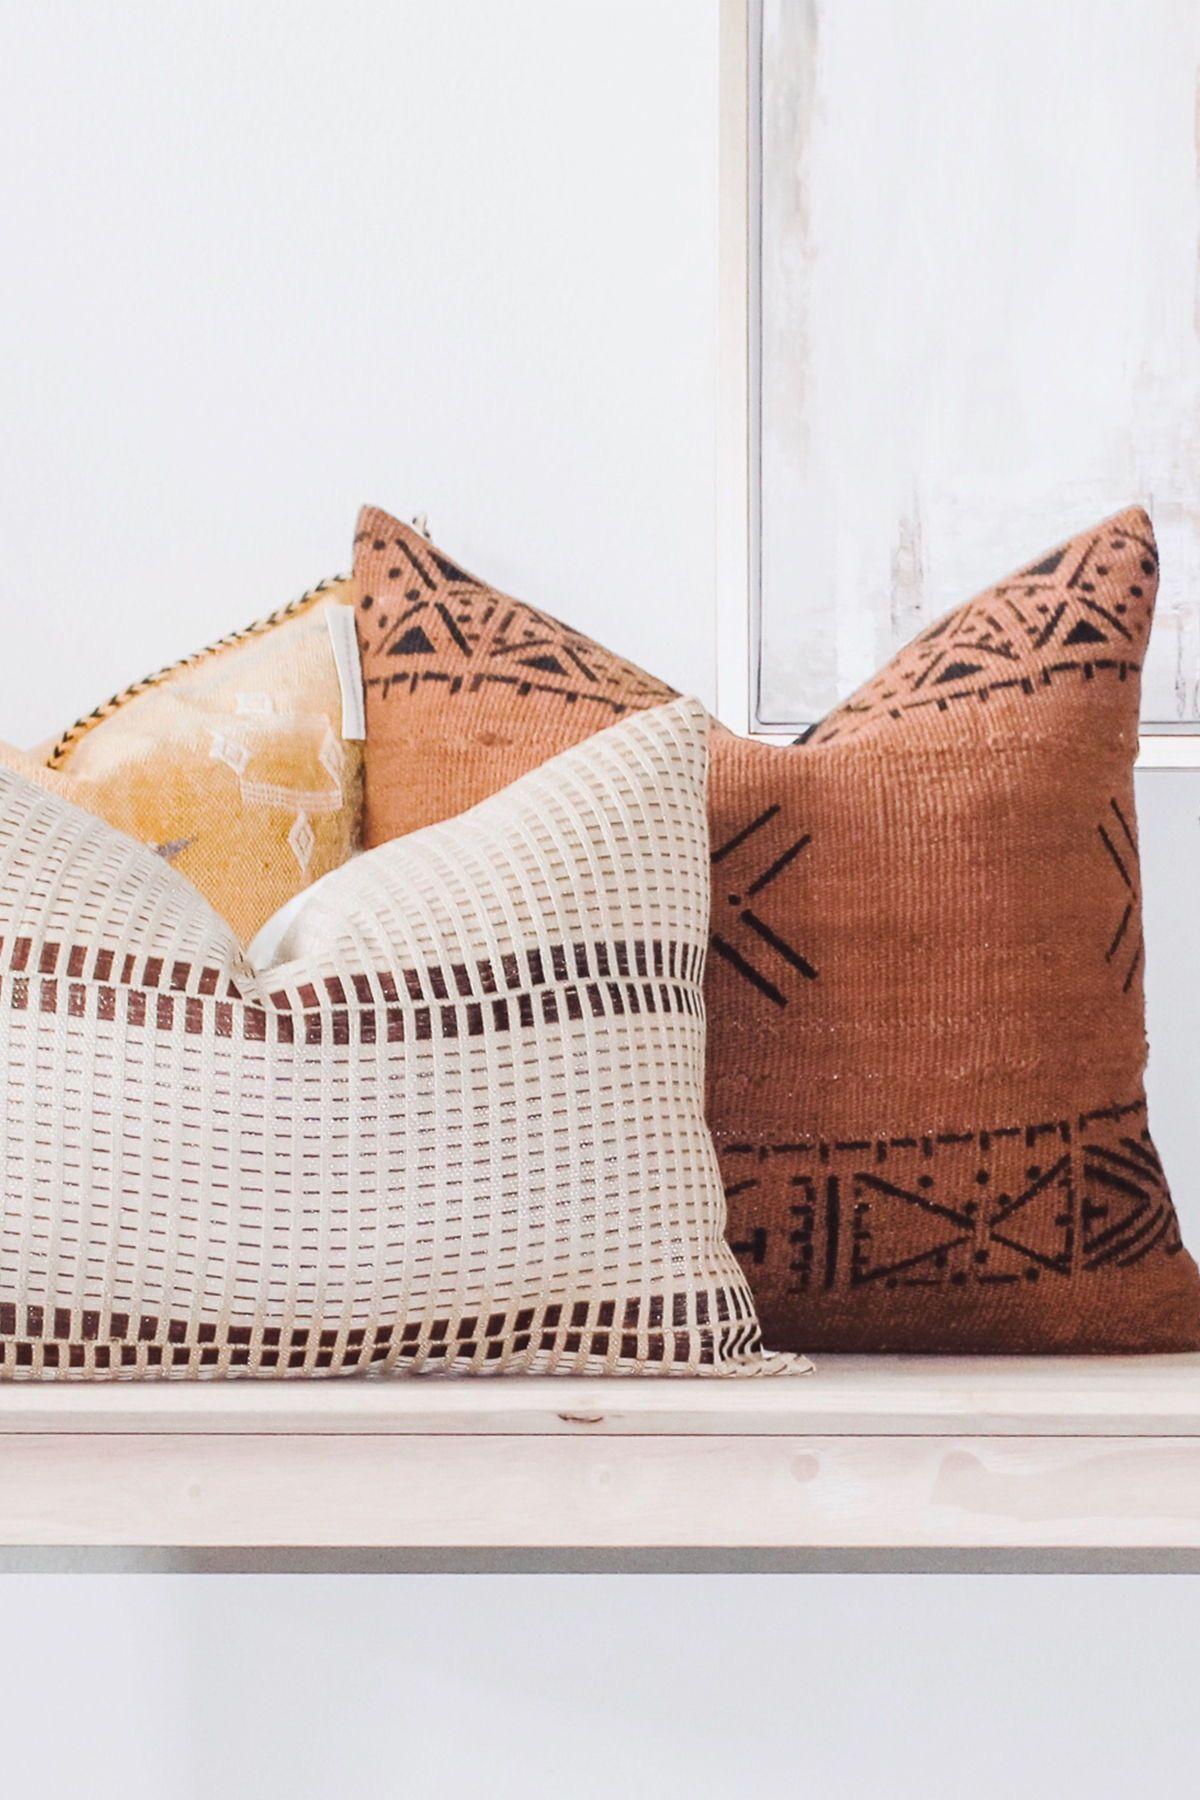 African Handwoven Textured Lumbar Throw Pillow Cover This Lumbar